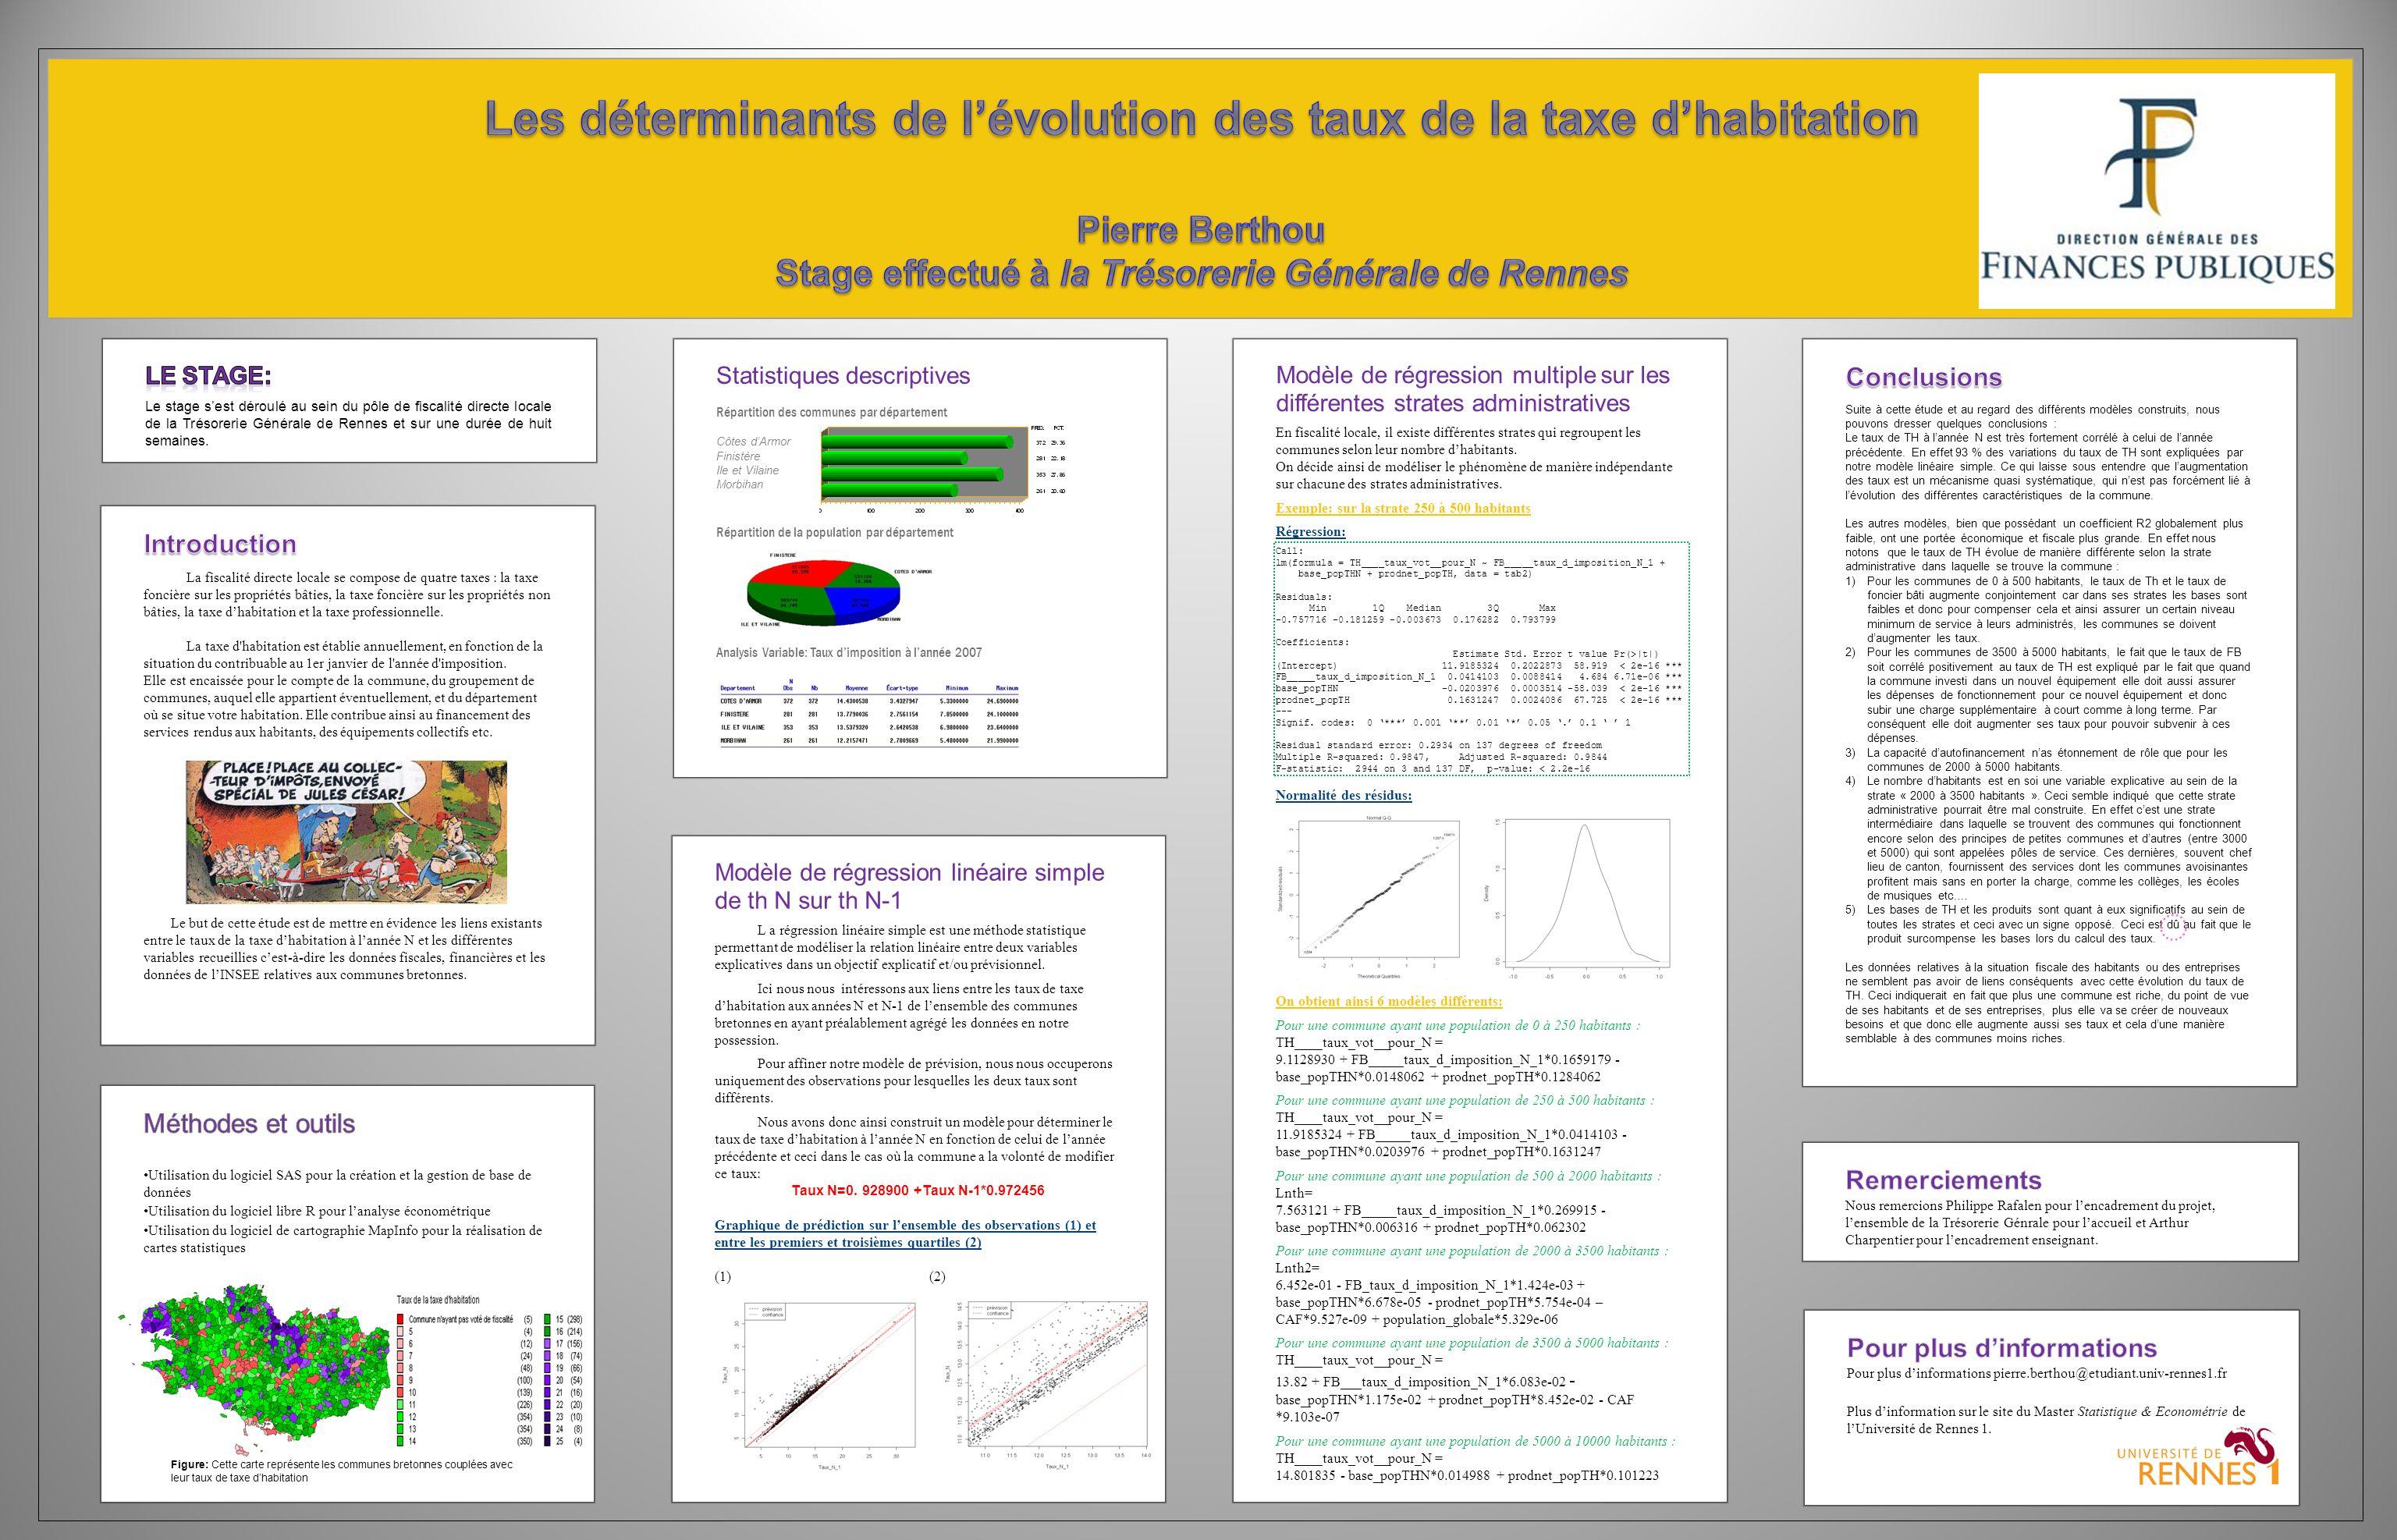 Statistiques descriptives Répartition des communes par département Côtes dArmor Finistère Ile et Vilaine Morbihan Répartition de la population par département Analysis Variable: Taux dimposition à lannée 2007 Modèle de régression linéaire simple de th N sur th N-1 L a régression linéaire simple est une méthode statistique permettant de modéliser la relation linéaire entre deux variables explicatives dans un objectif explicatif et/ou prévisionnel.